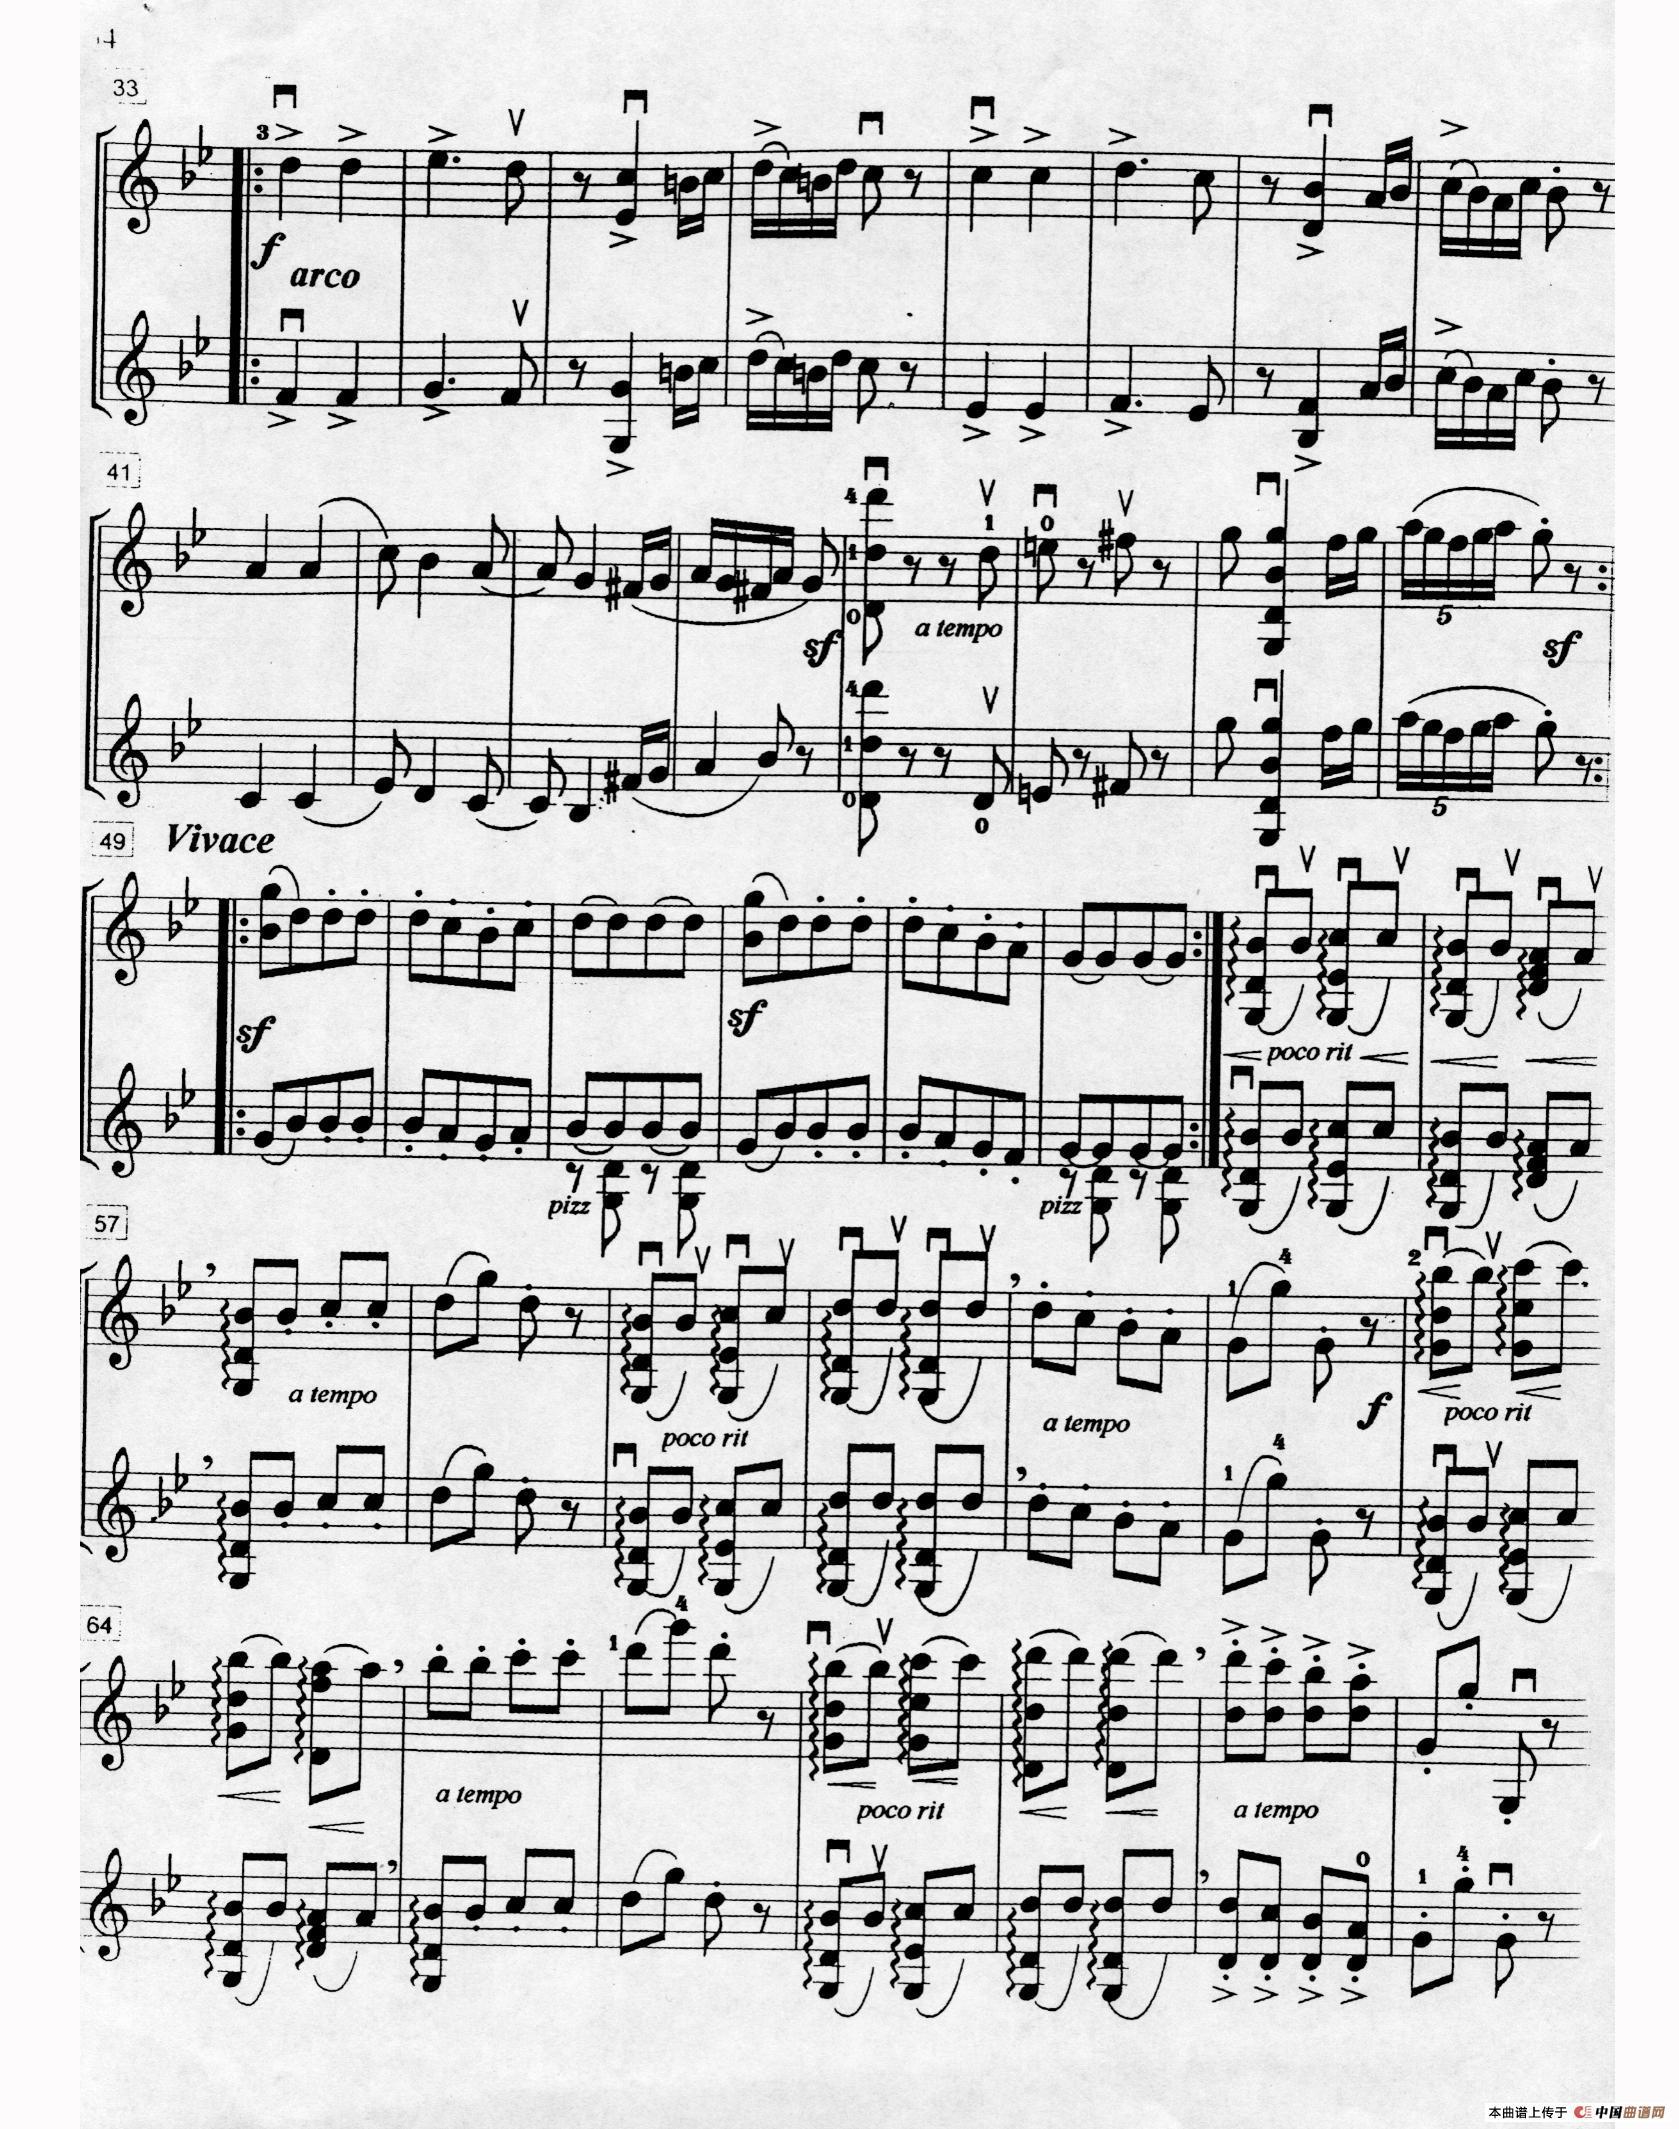 匈牙利舞曲(二重奏)_小提琴谱_搜谱网 (1679x2129)